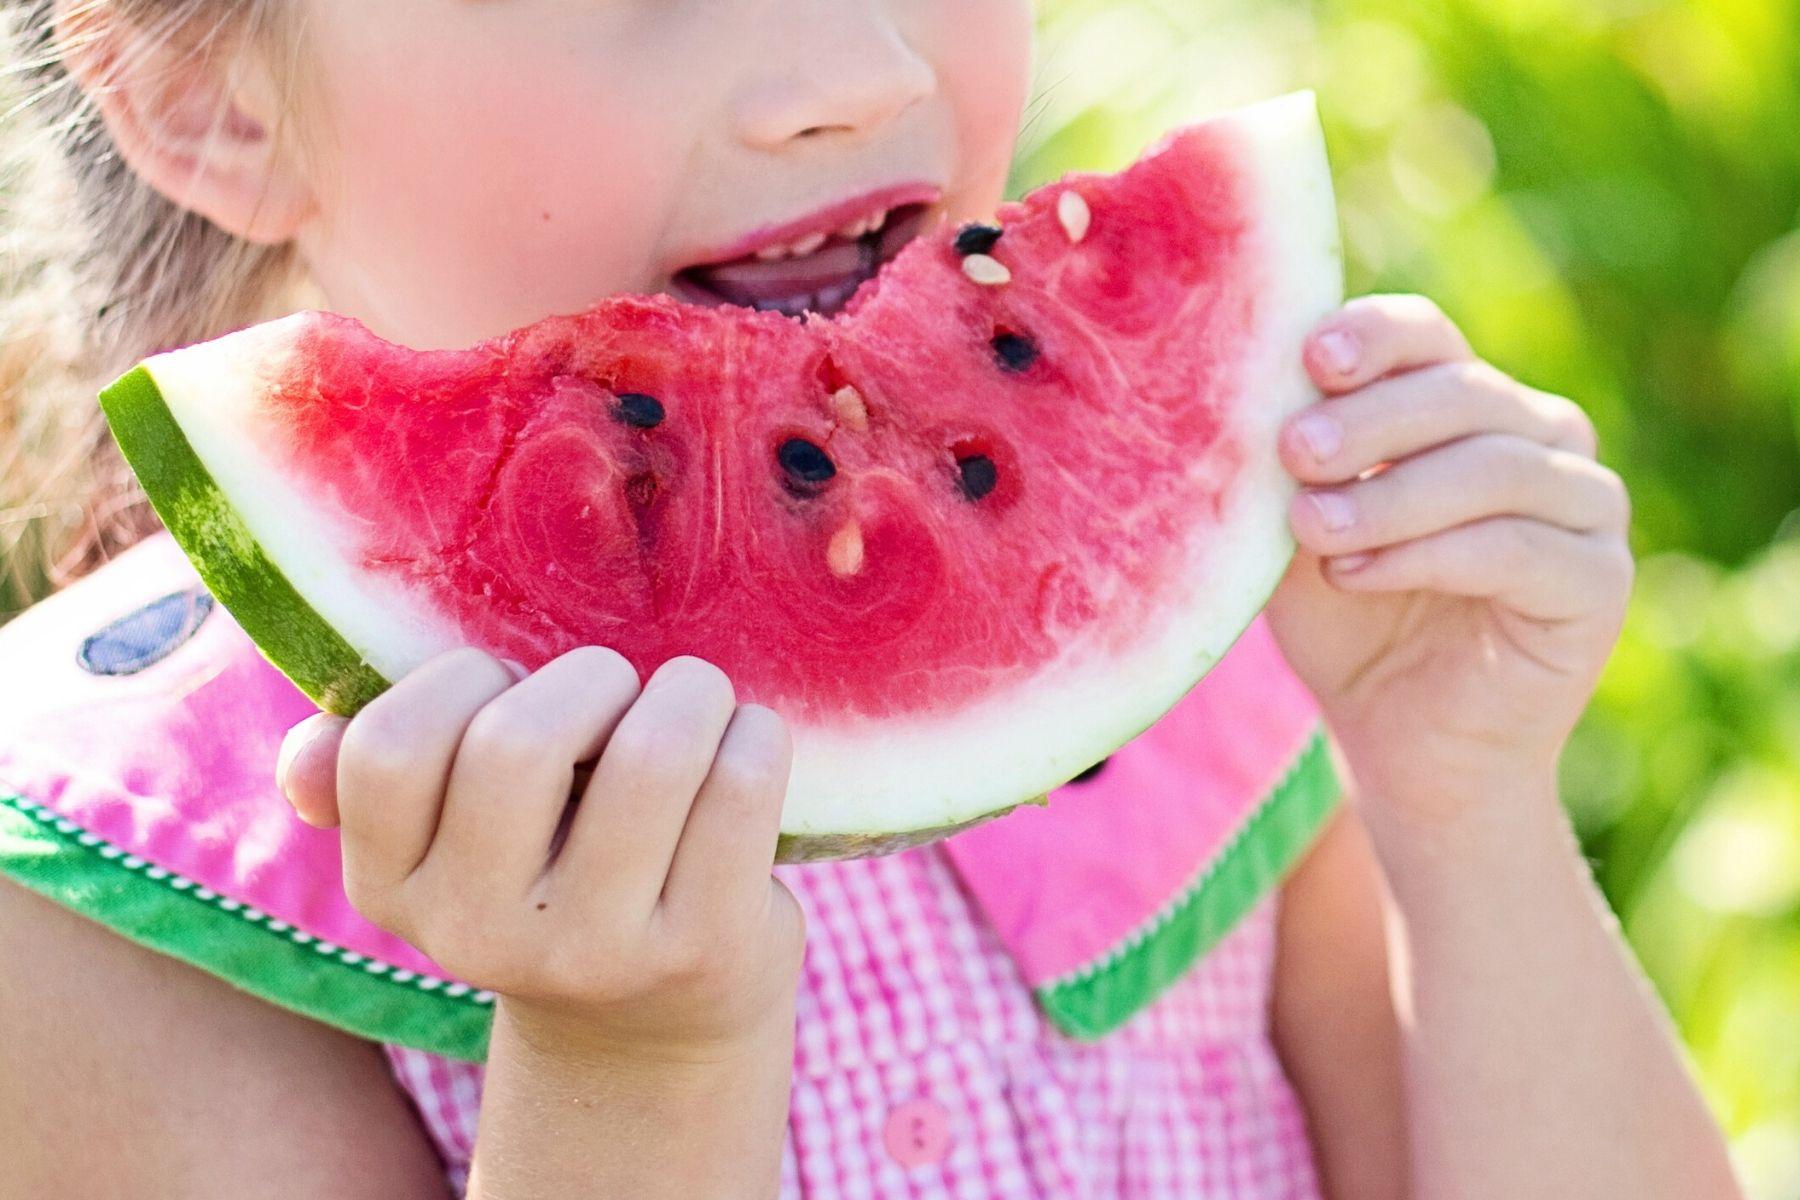 L'alimentation d'un enfant impacte son développement et sa santé.